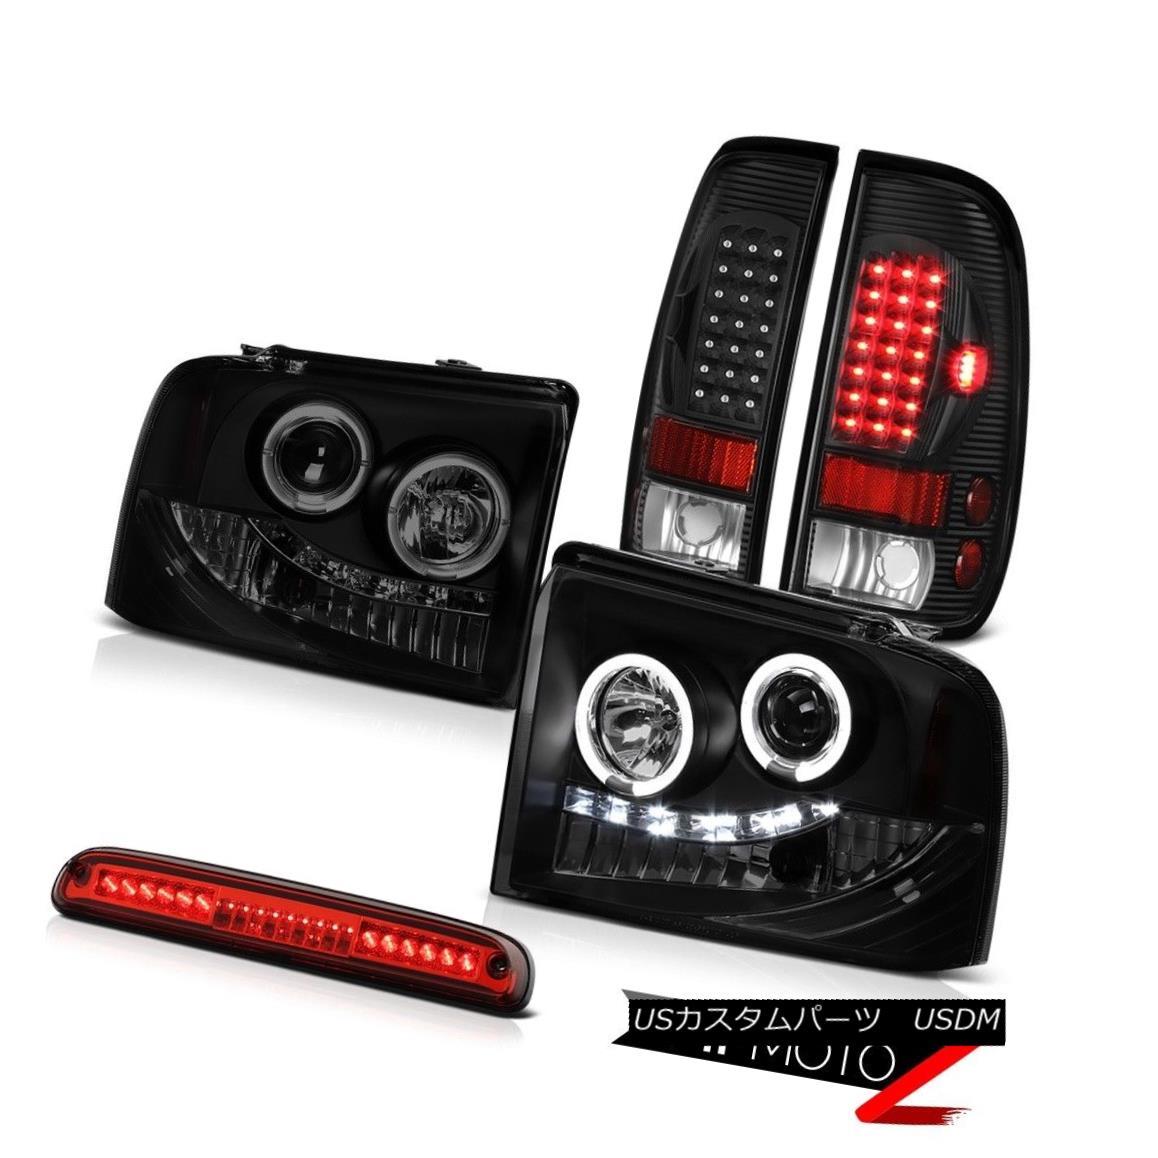 テールライト 2005-2007 F350 Turbo Diesel SMD DRL Headlamps LED Black Taillight Roof Brake Red 2005-2007 F350ターボディーゼルSMD DRLヘッドランプLEDブラックテールライトルーフブレーキ赤